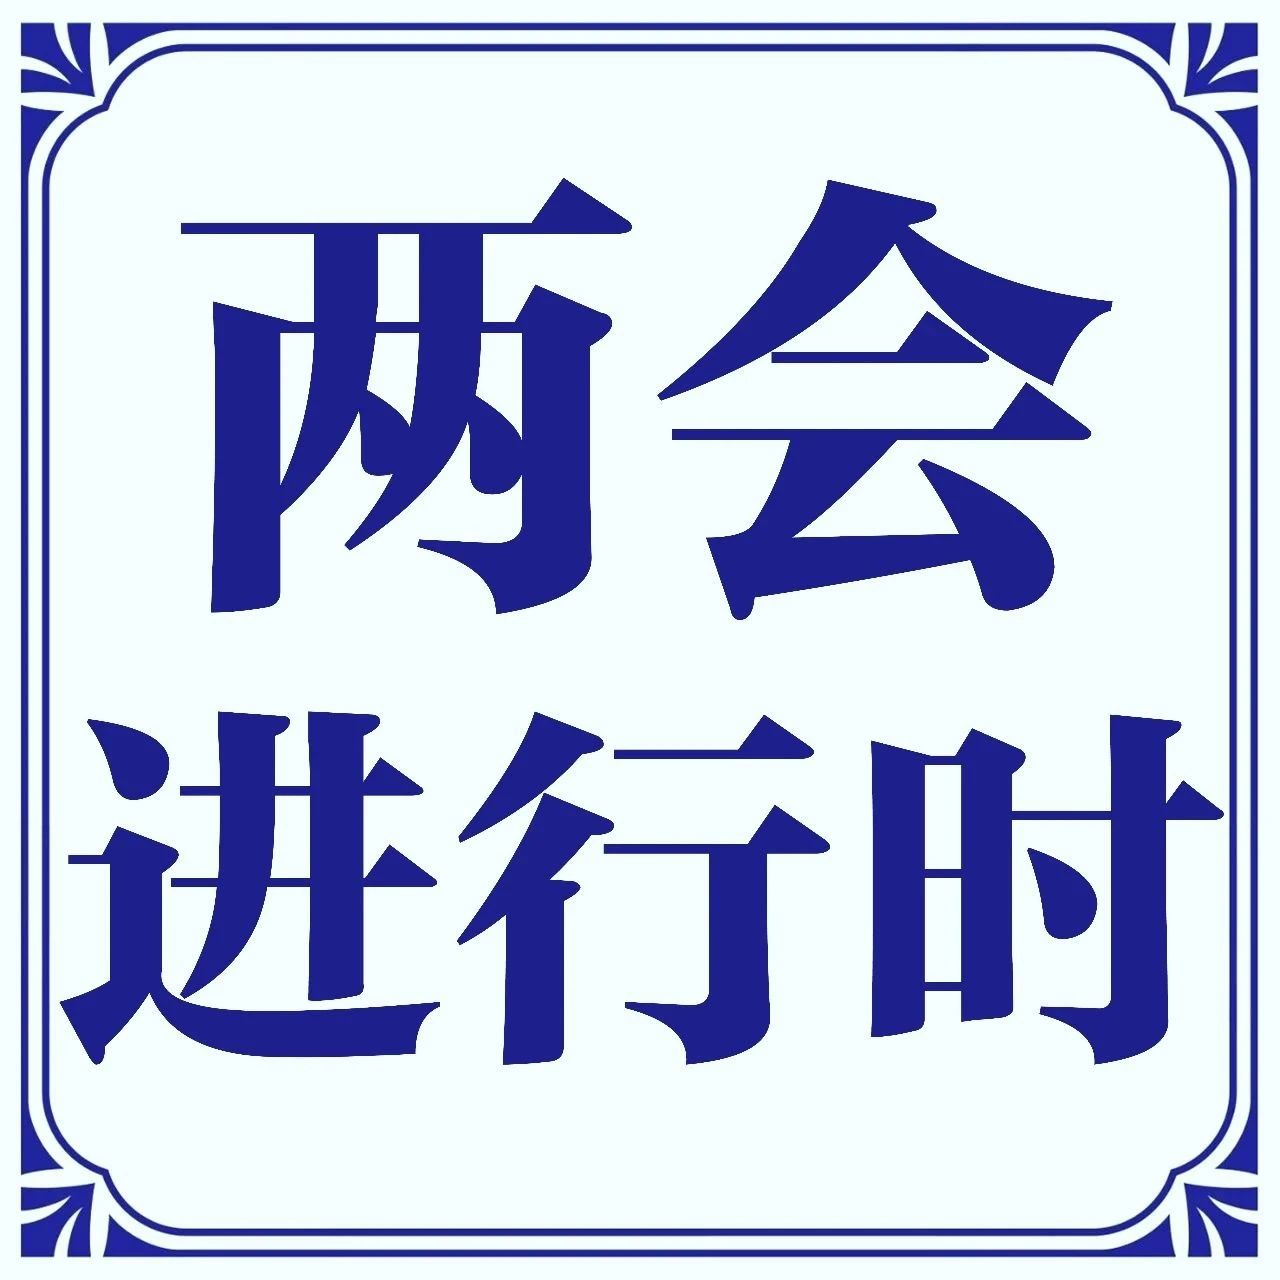 中国之声丨疫情对三峡工程等重大水利工程有什么影响?专访魏山忠→